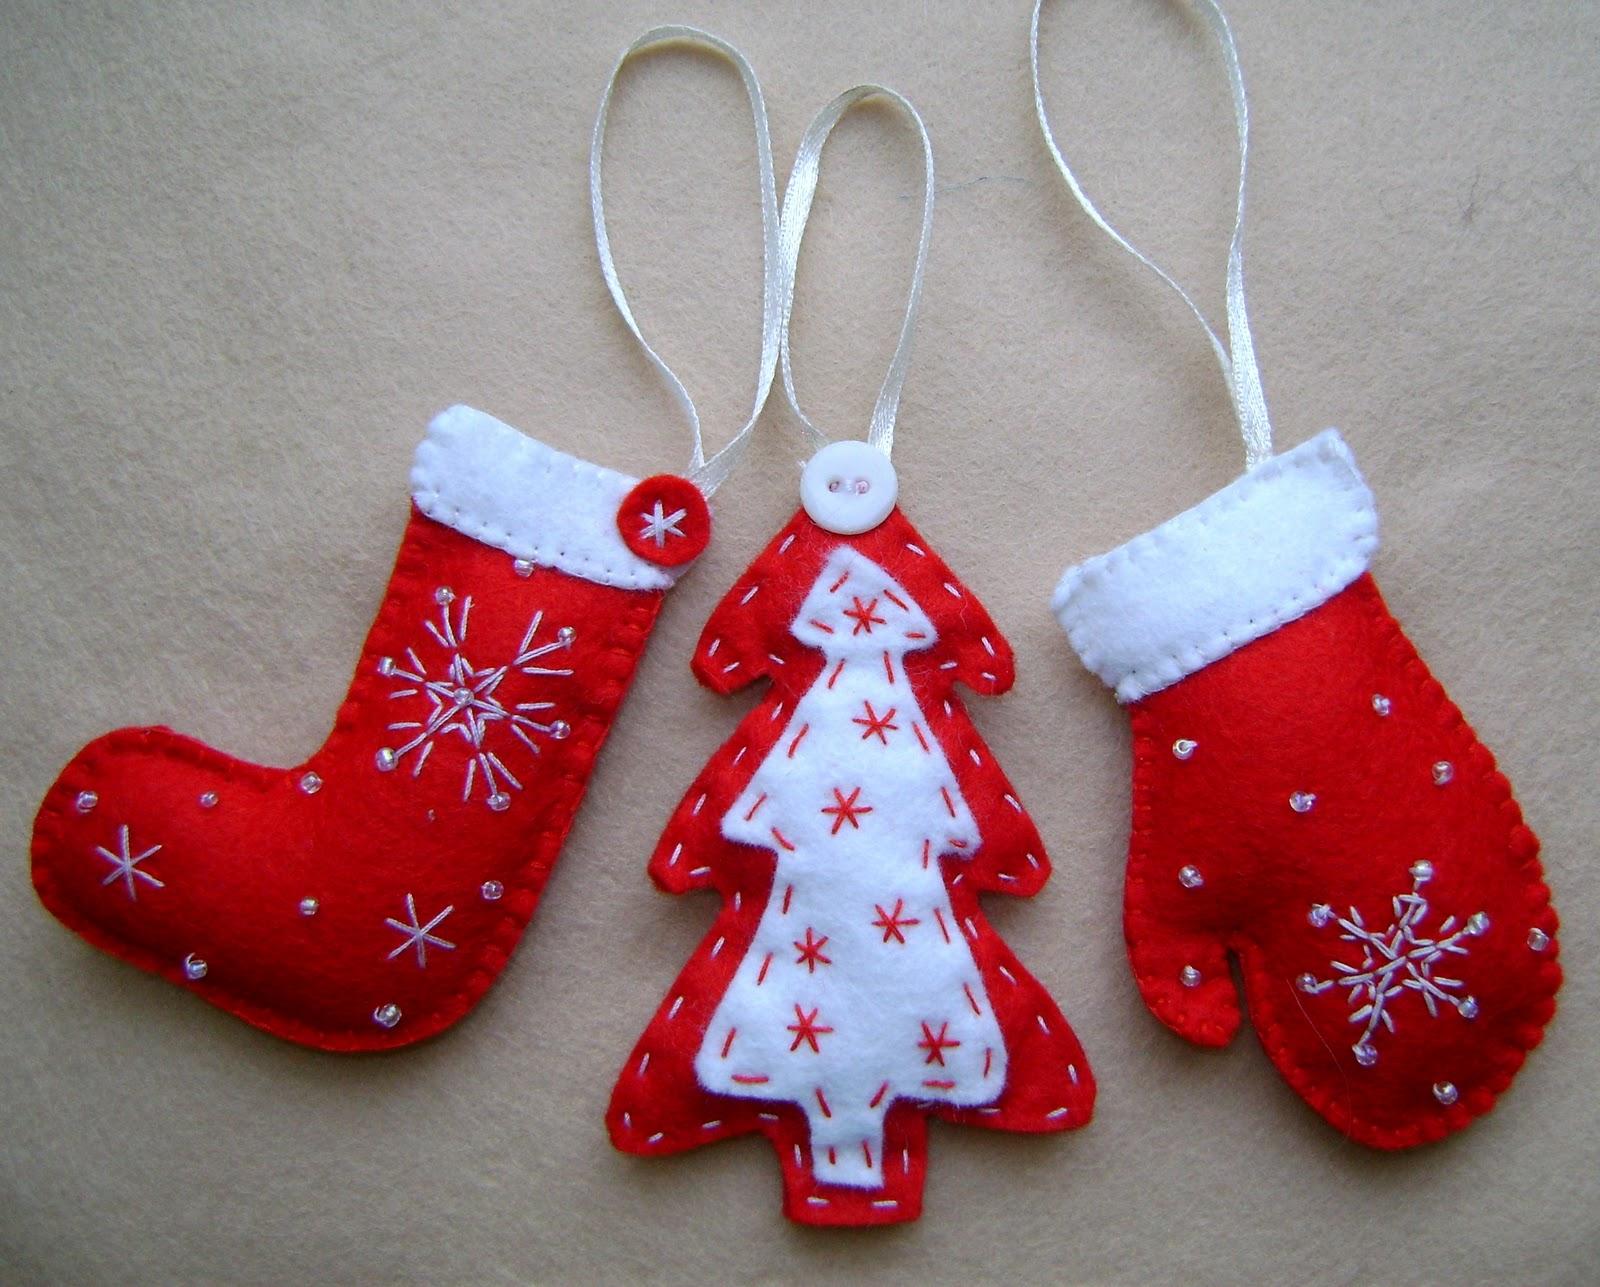 Купить новогодние игрушки своими руками фото